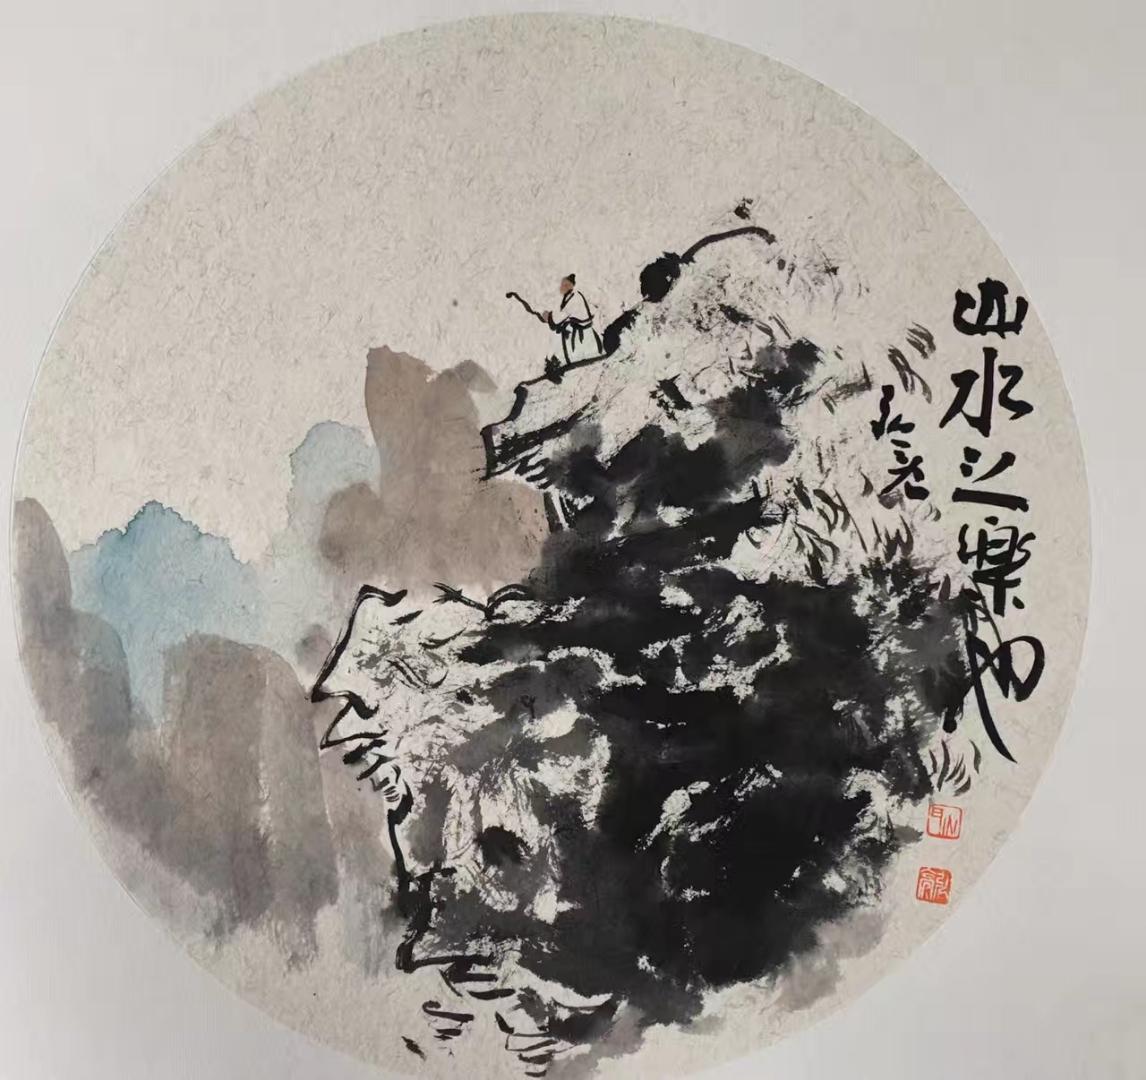 耿宏亮,男,又署弘亮,字子明,号尚石,1966年6月生,安徽萧县人,书画家图片